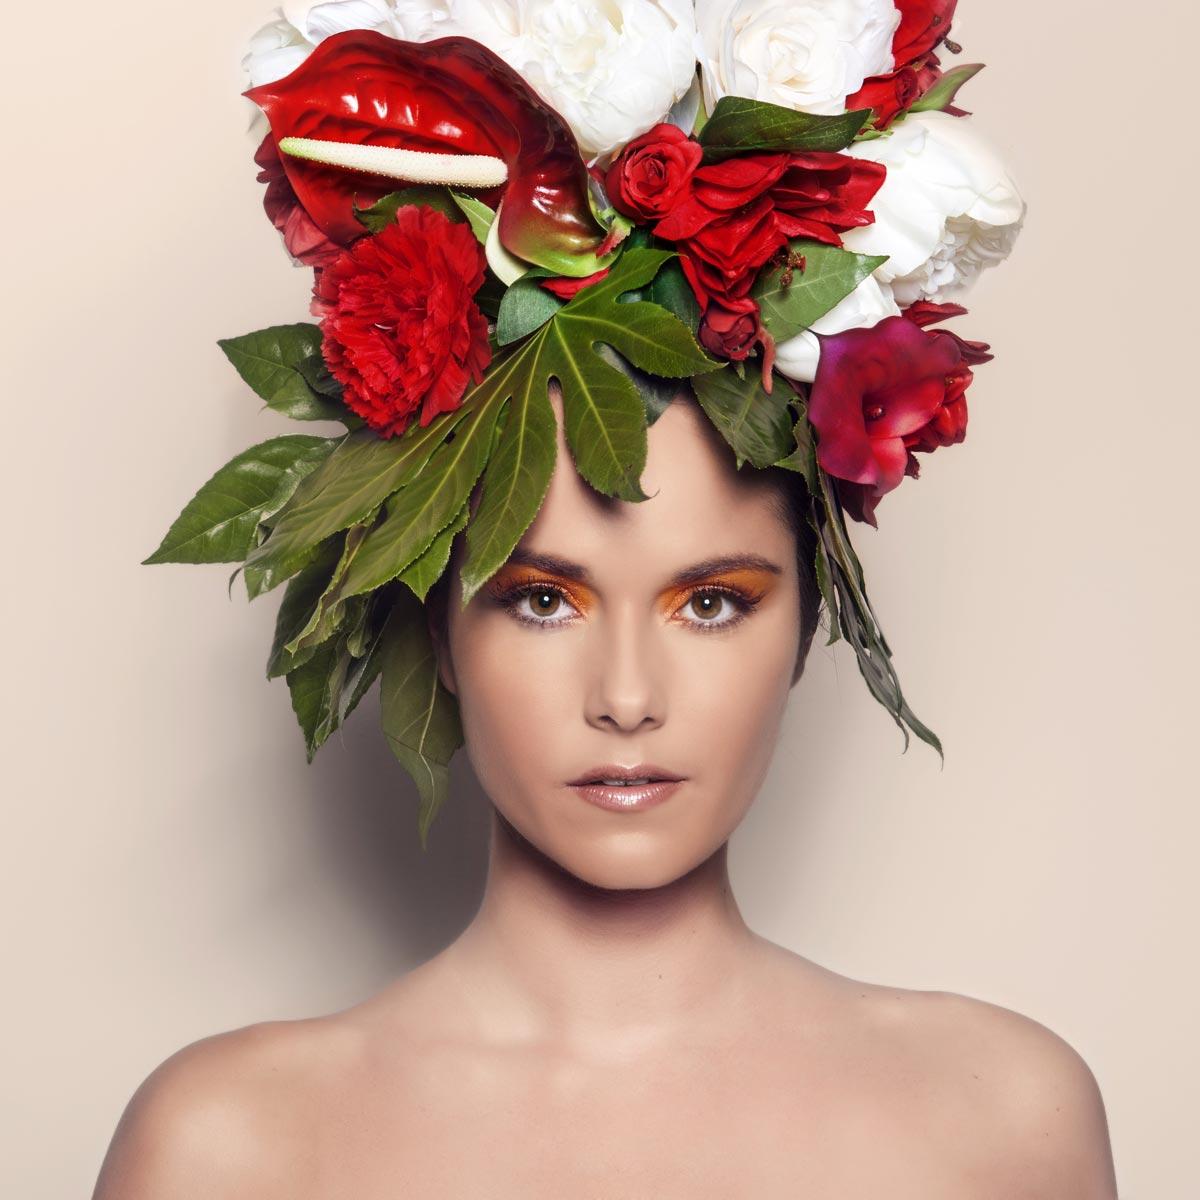 Výrazným prvkem kolekce Honza Kořínek The Butterflies jsou nádherné fotografie, kde vlasy nahradili obří květinové kompozice.